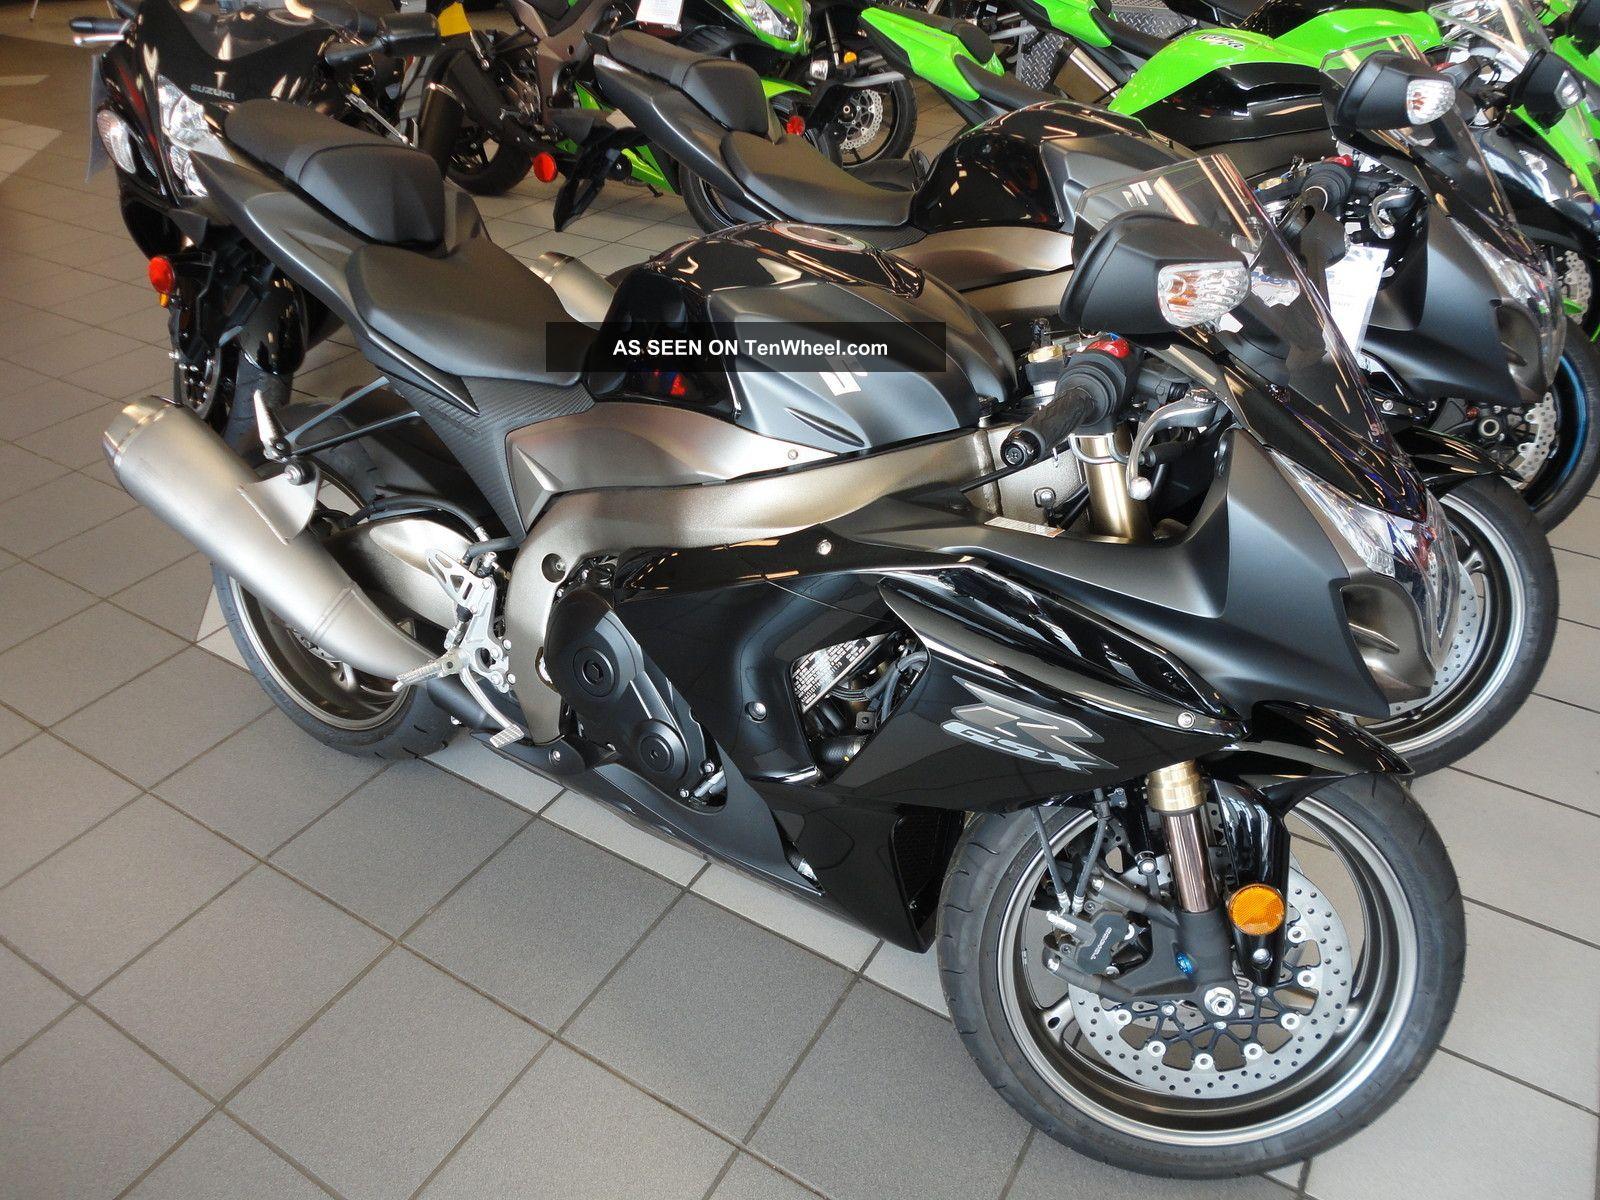 2011 Suzuki Gsx - R1000 Gsx - R1000l1 1000cc Sport Bike Gsxr GSX-R photo